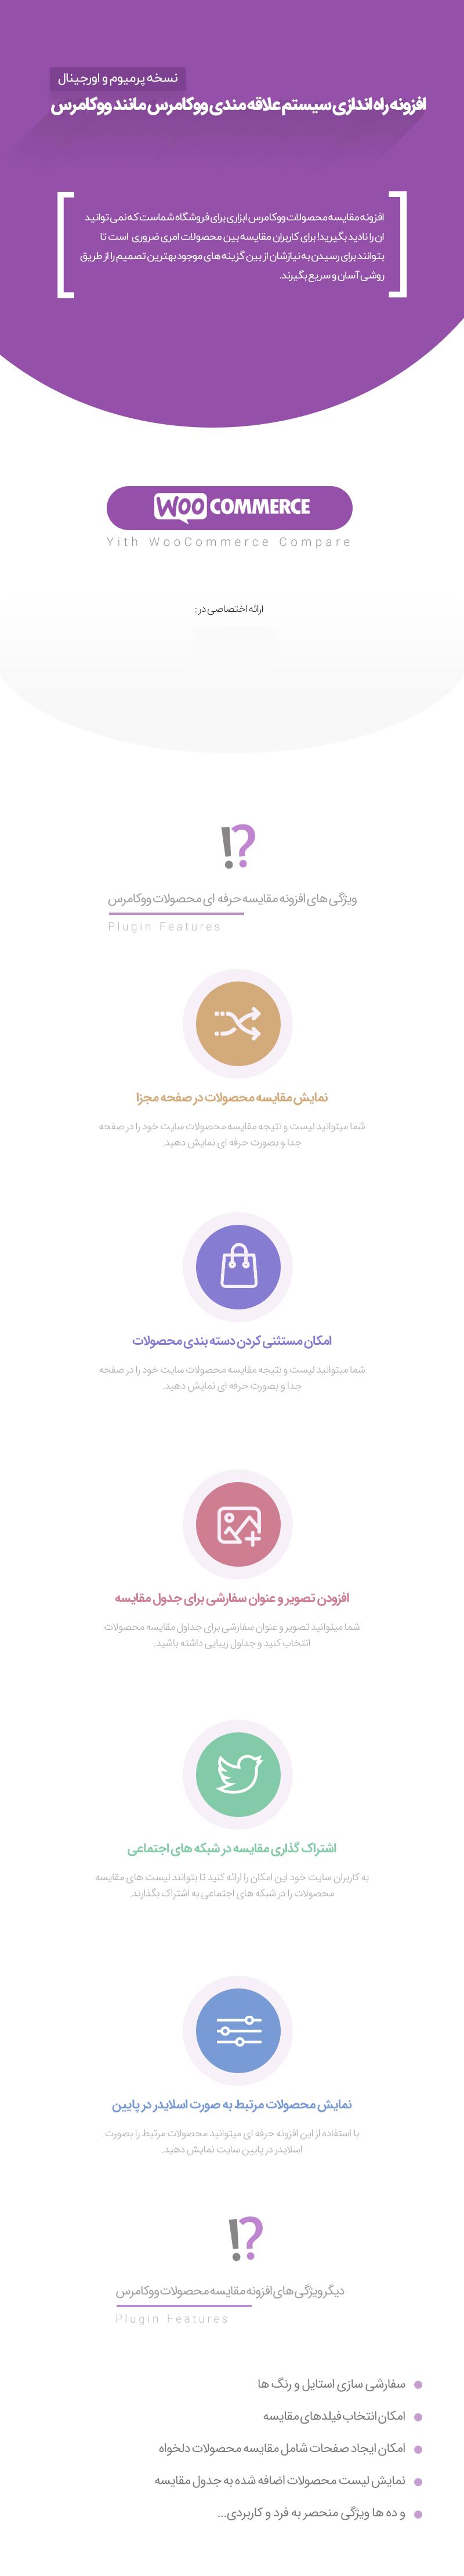 افزونه مقایسه محصولات ووکامرس | WooCommerce Compare